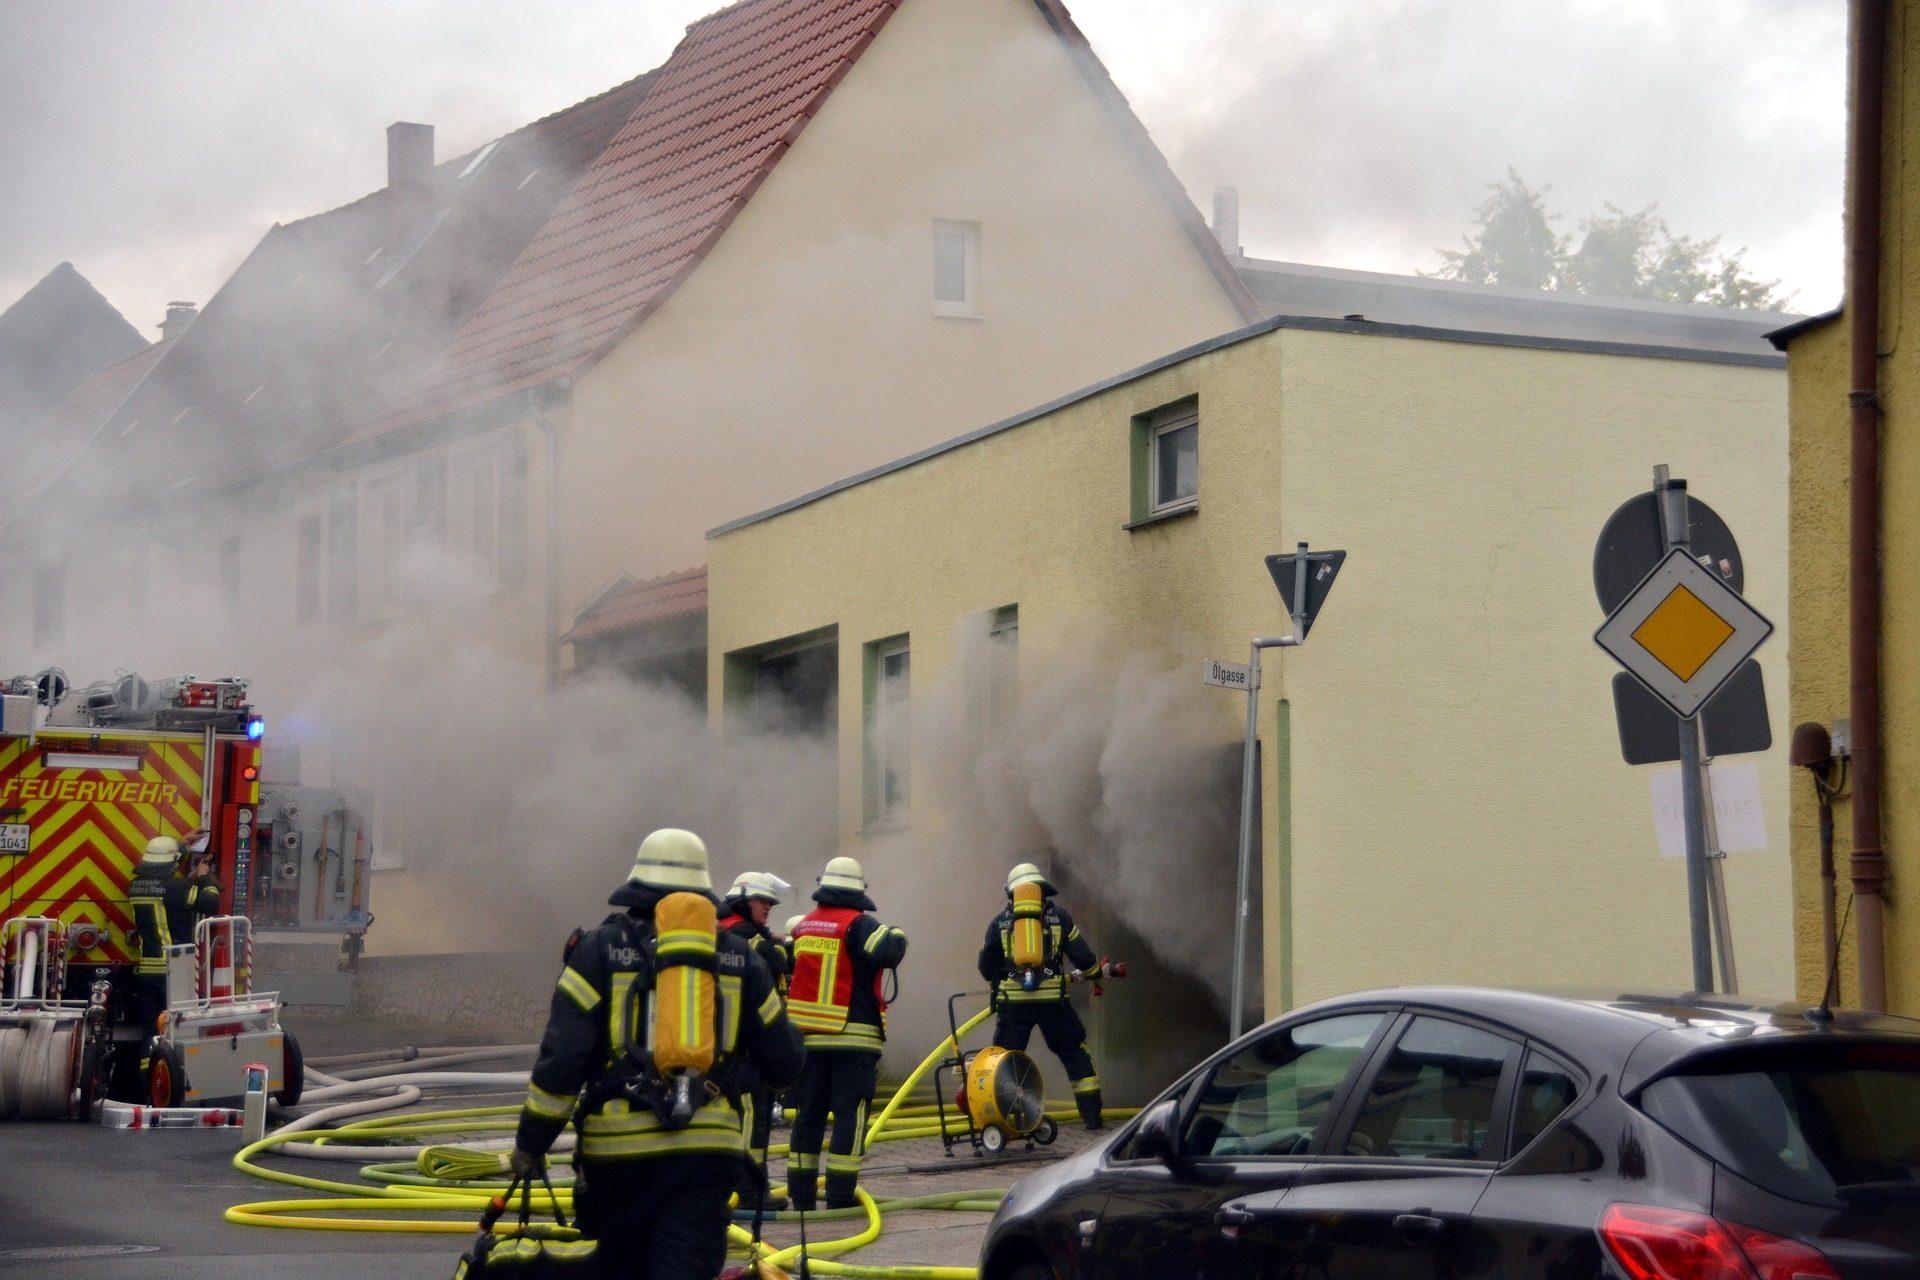 房子, incendio, 吸烟消防os, 软管 - 高清壁纸 - 教授-falken.com